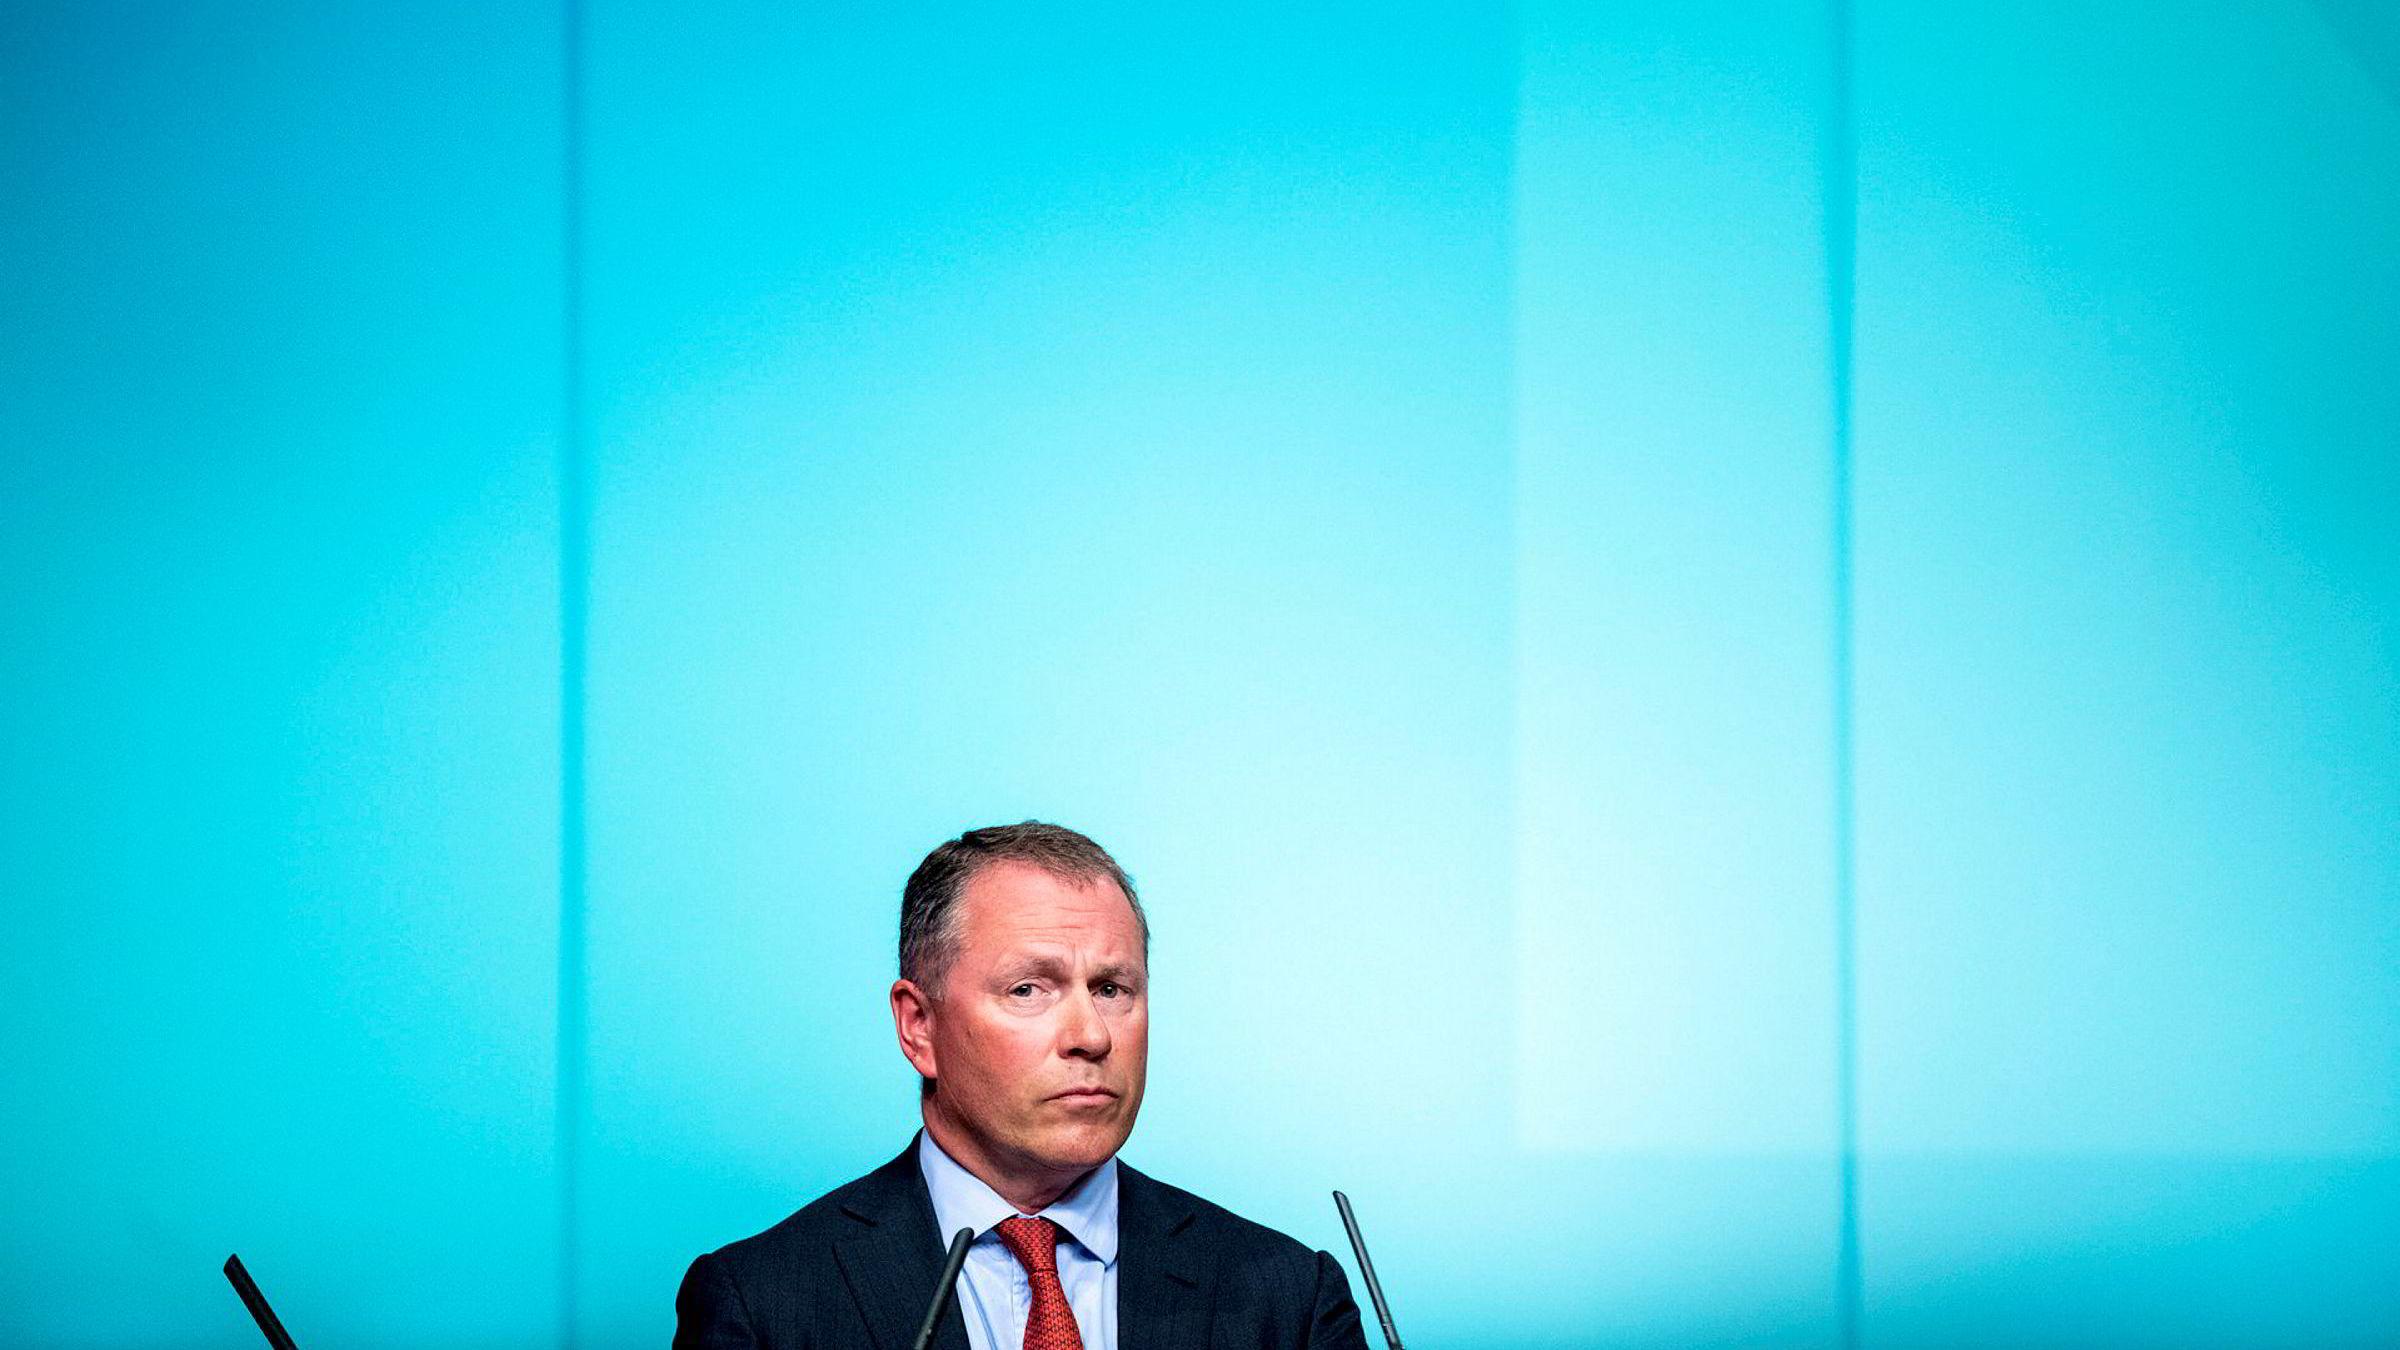 Som sjef for Nbim har Nicolai Tangen en av Norges viktigste stillinger. I snitt har hver nordmann ni ganger så mye sparepenger i Oljefondet som på privat hånd.